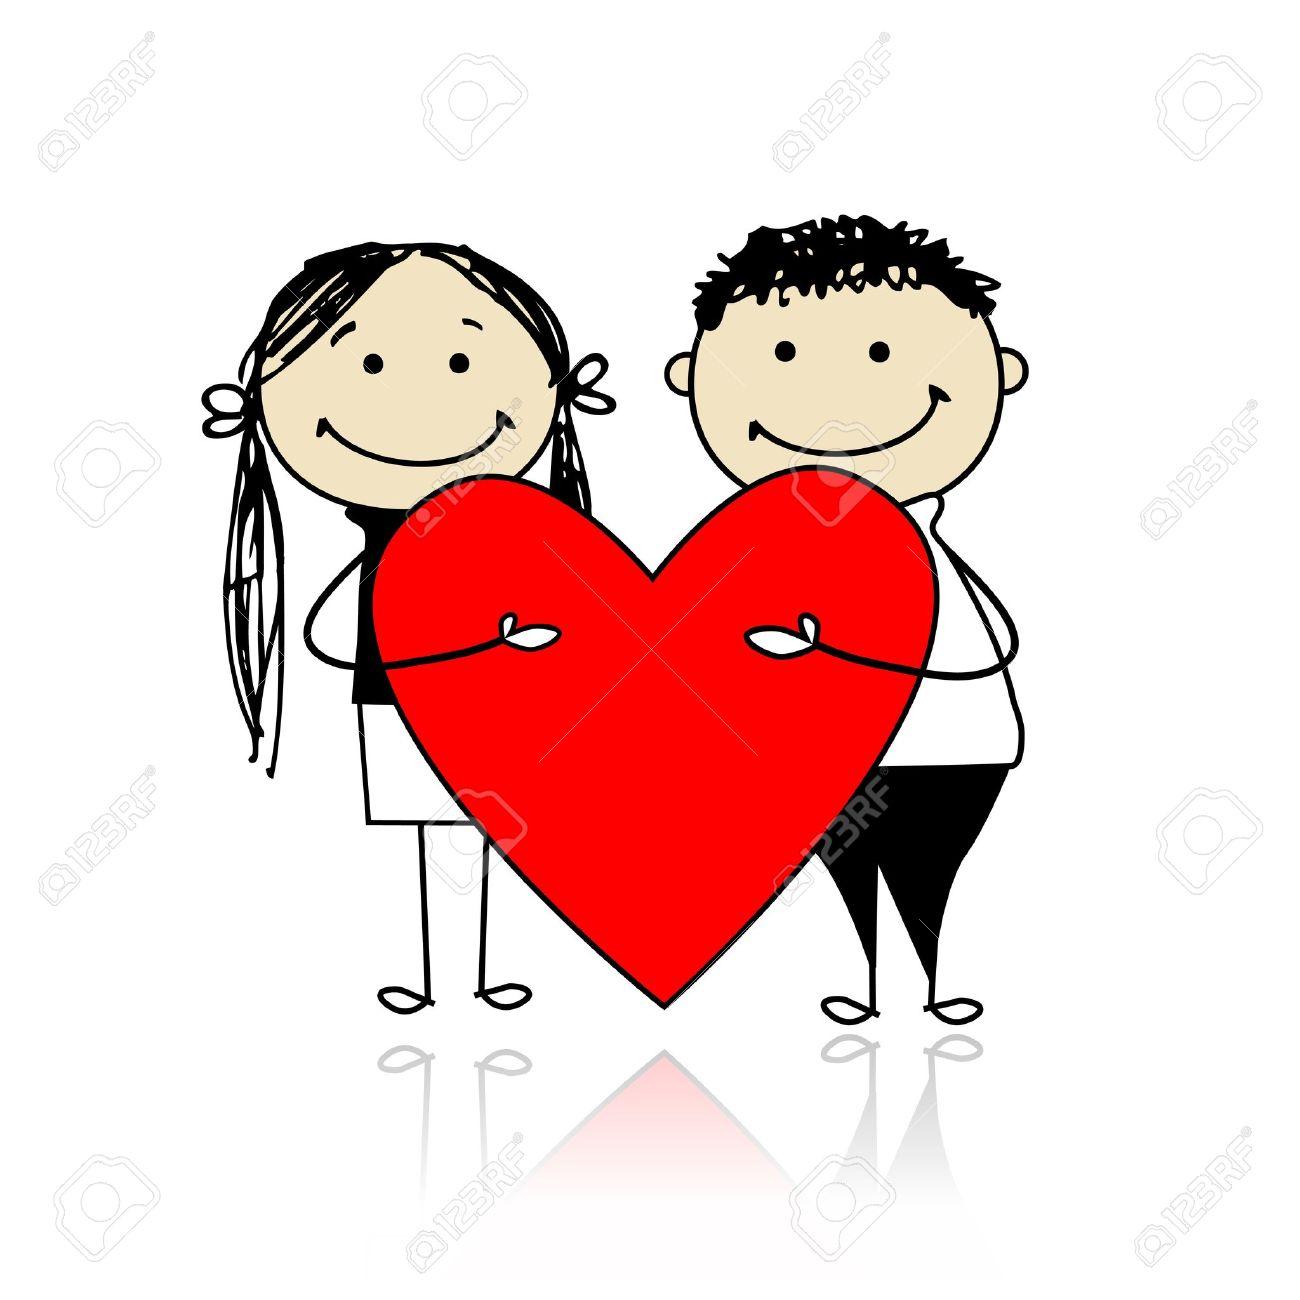 バレンタインの日。カップルは、設計のための大きな赤いハート